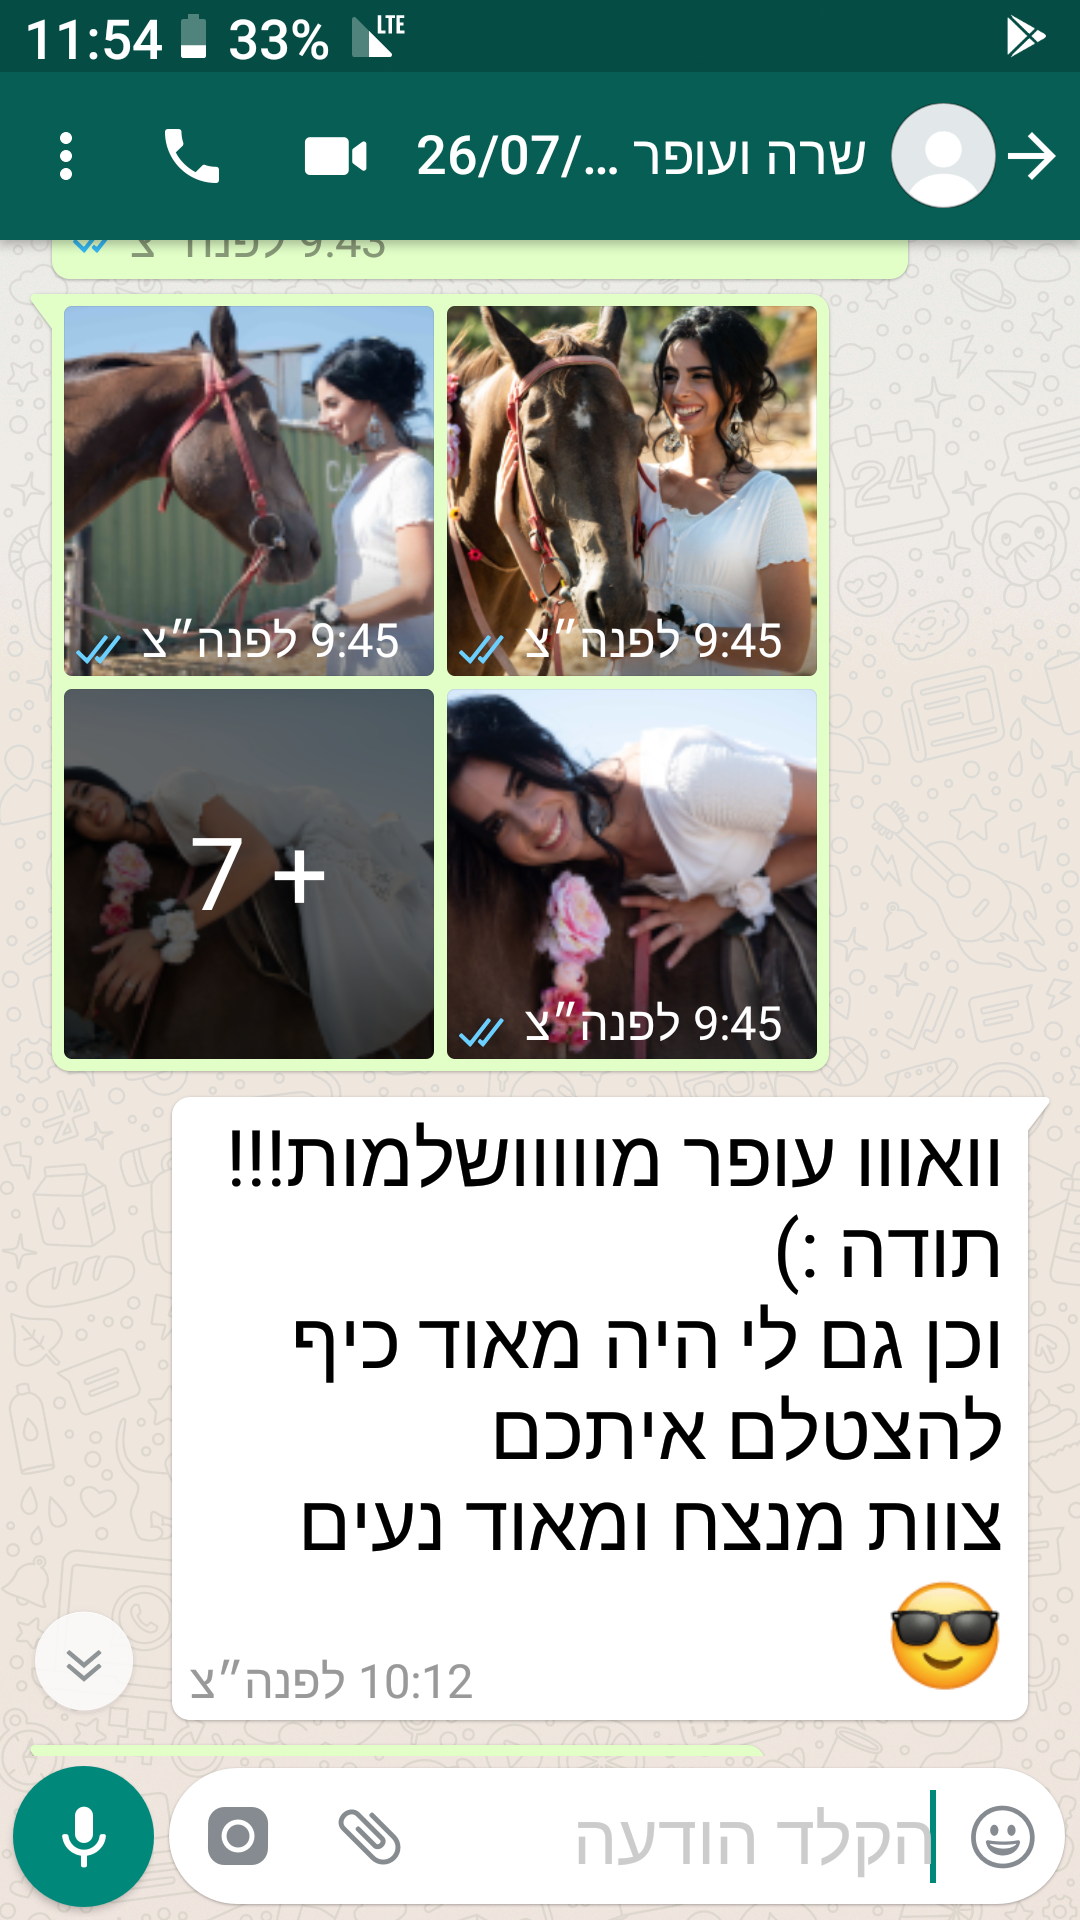 Screenshot__WhatsApp_20190225-235421.png